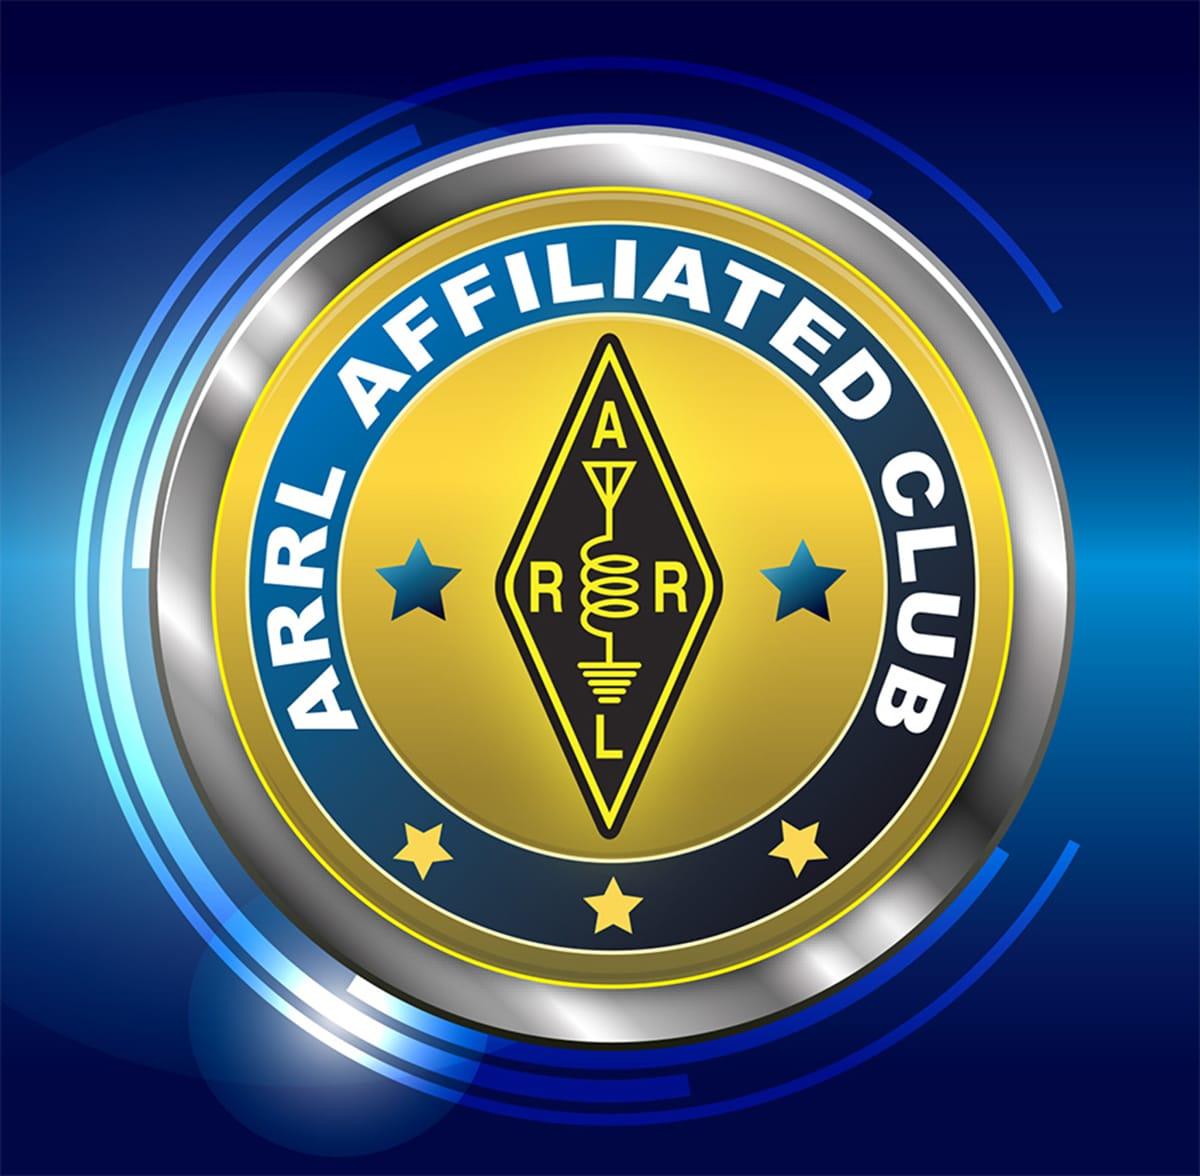 Affiliated Club November 22, 2016